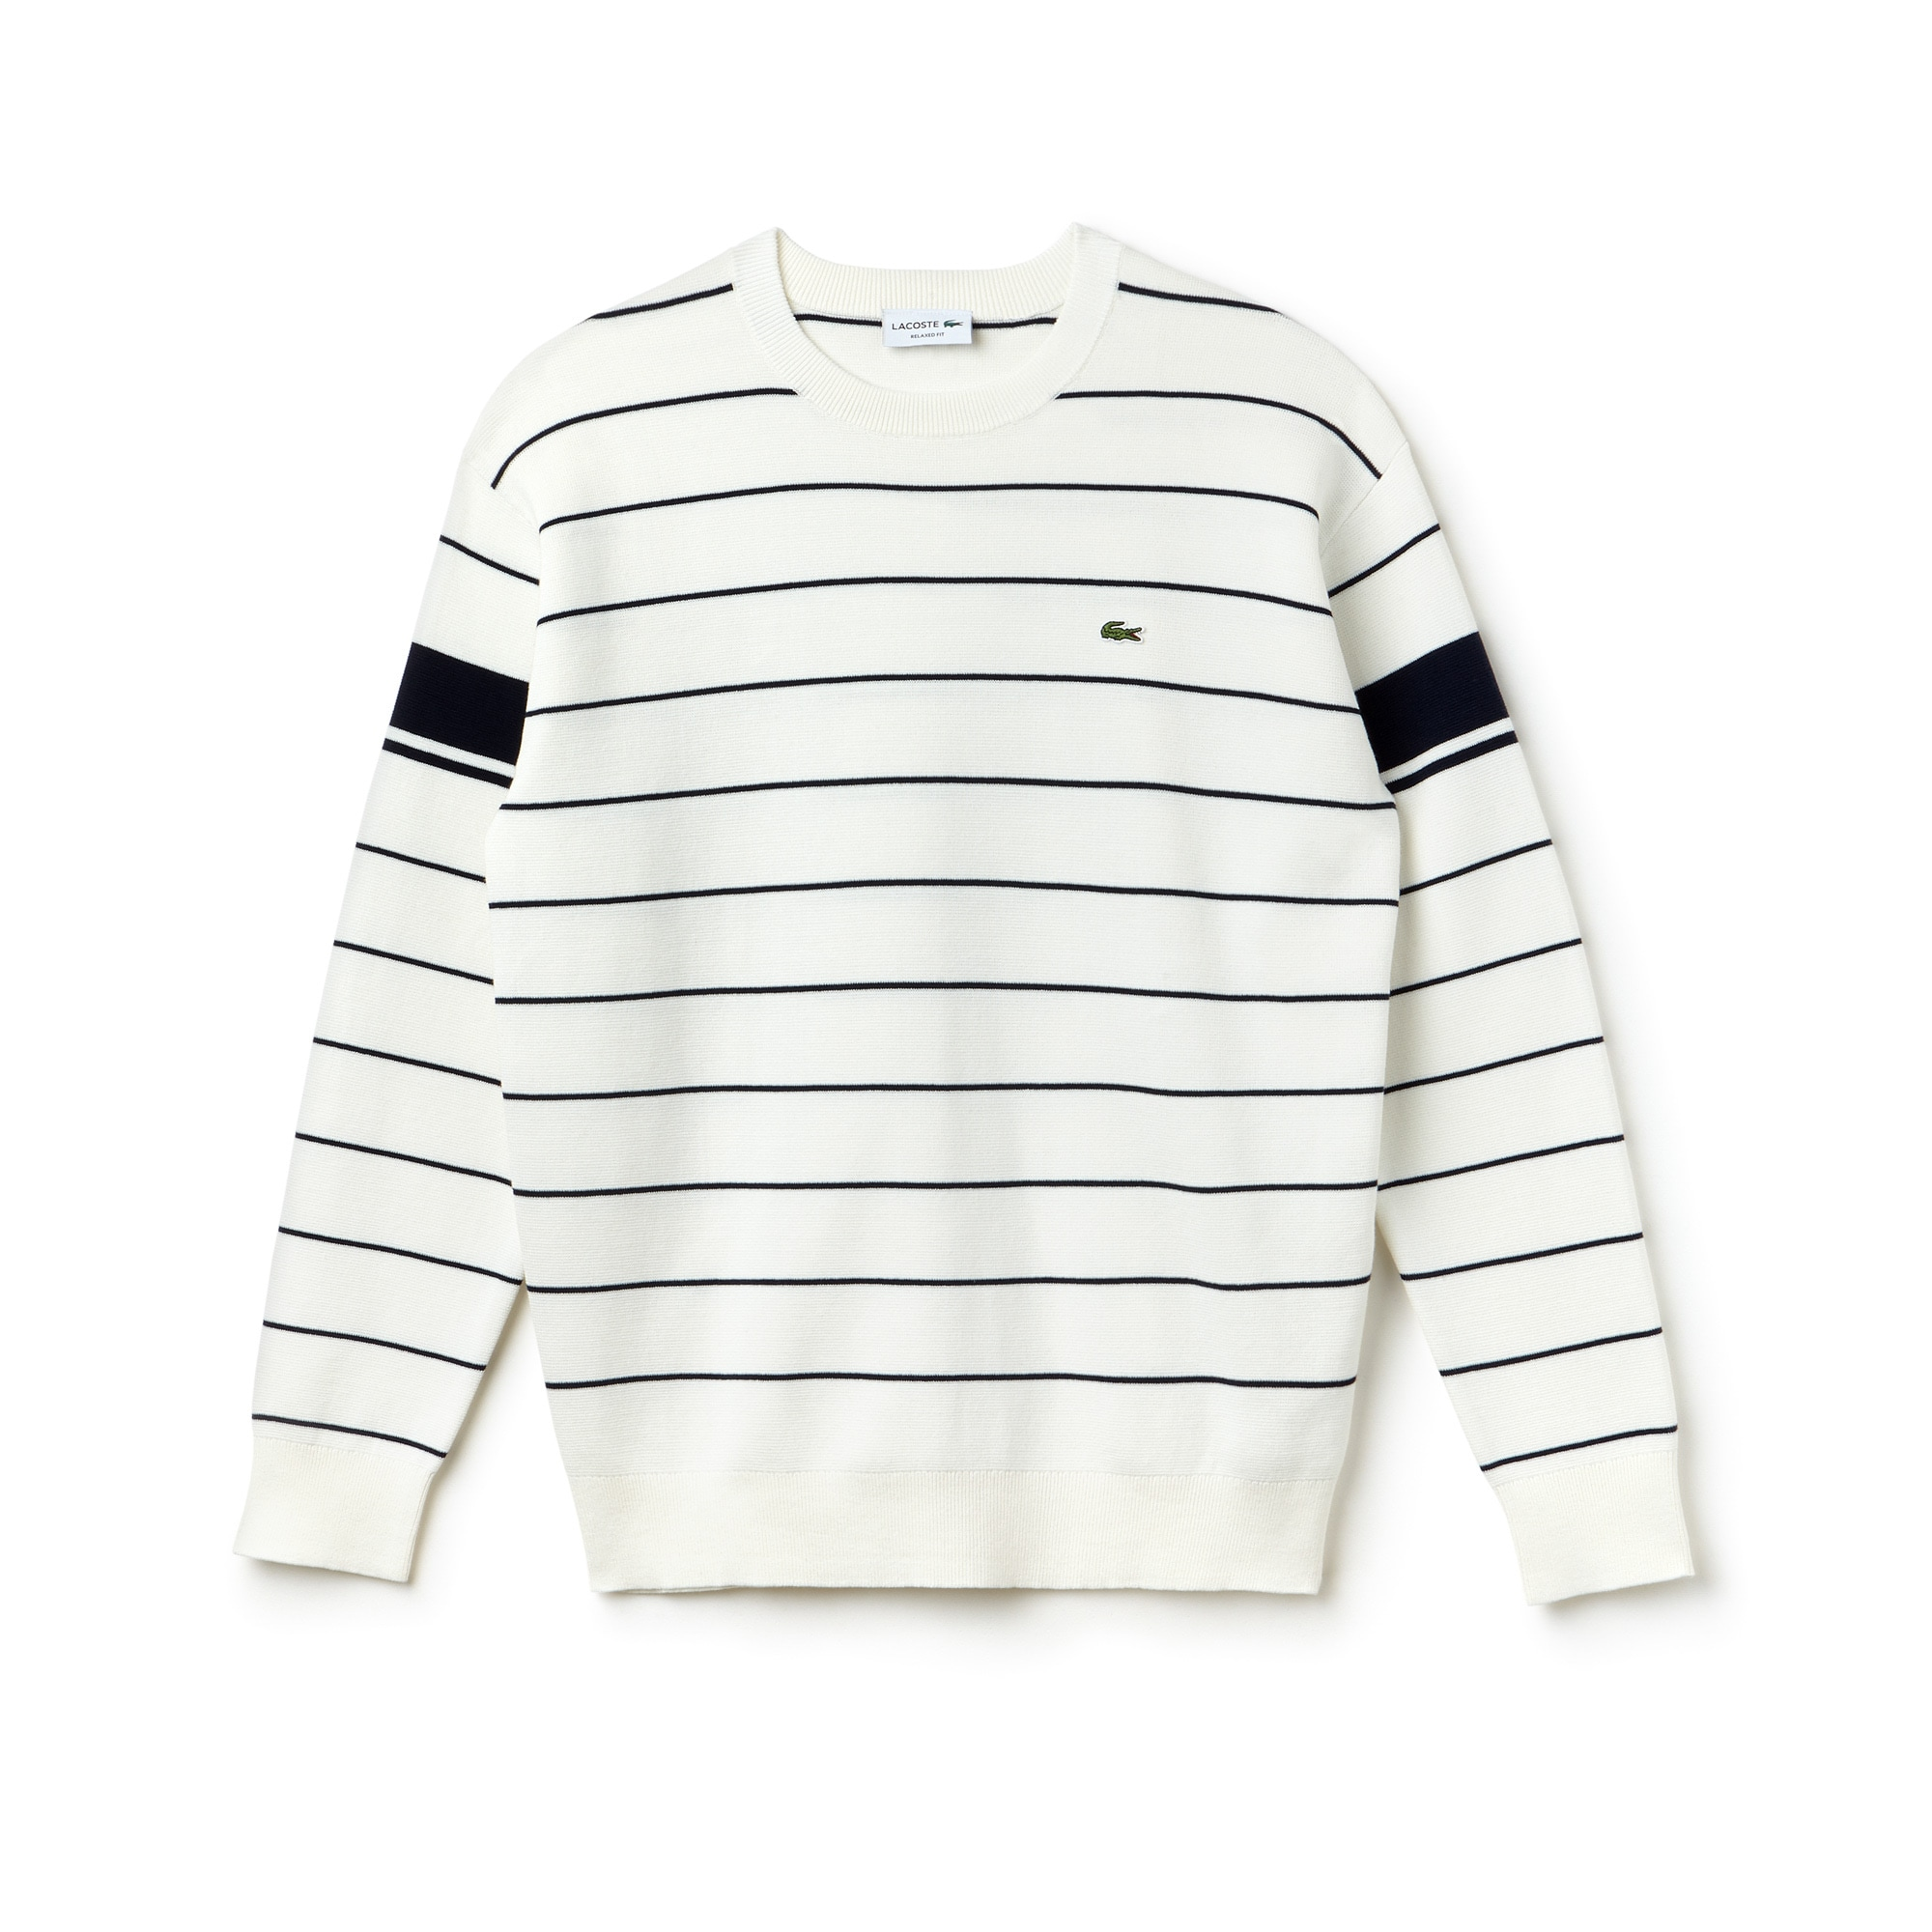 Jersey de cuello redondo de algodón milano de rayas con franjas contrastantes